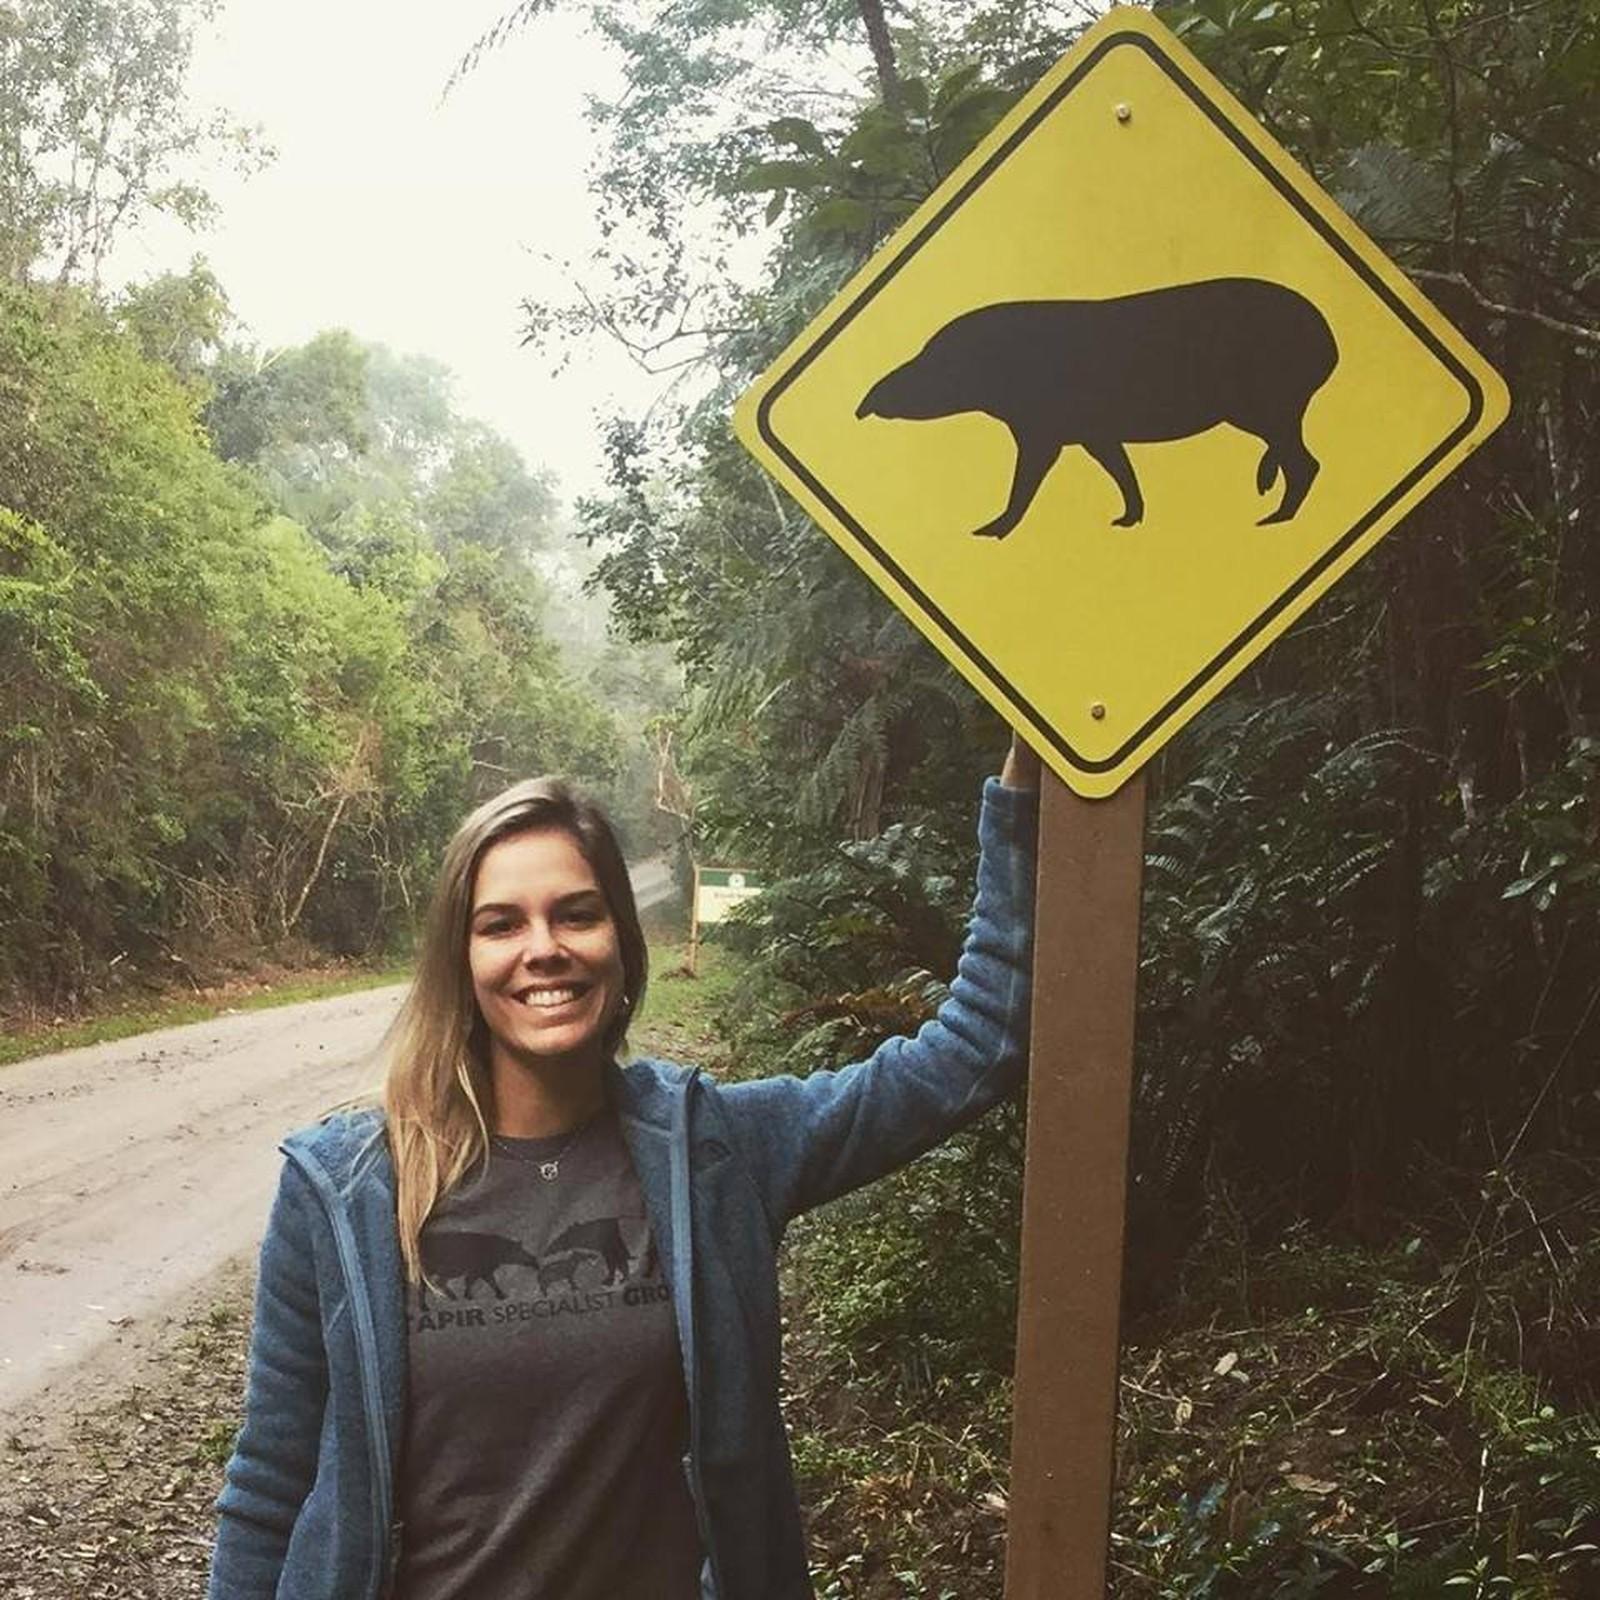 Trabalho desenvolvido por Fernanda Abra ajuda na conscientização dos motoristas: defesa da fauna — Foto: Arquivo Pessoal